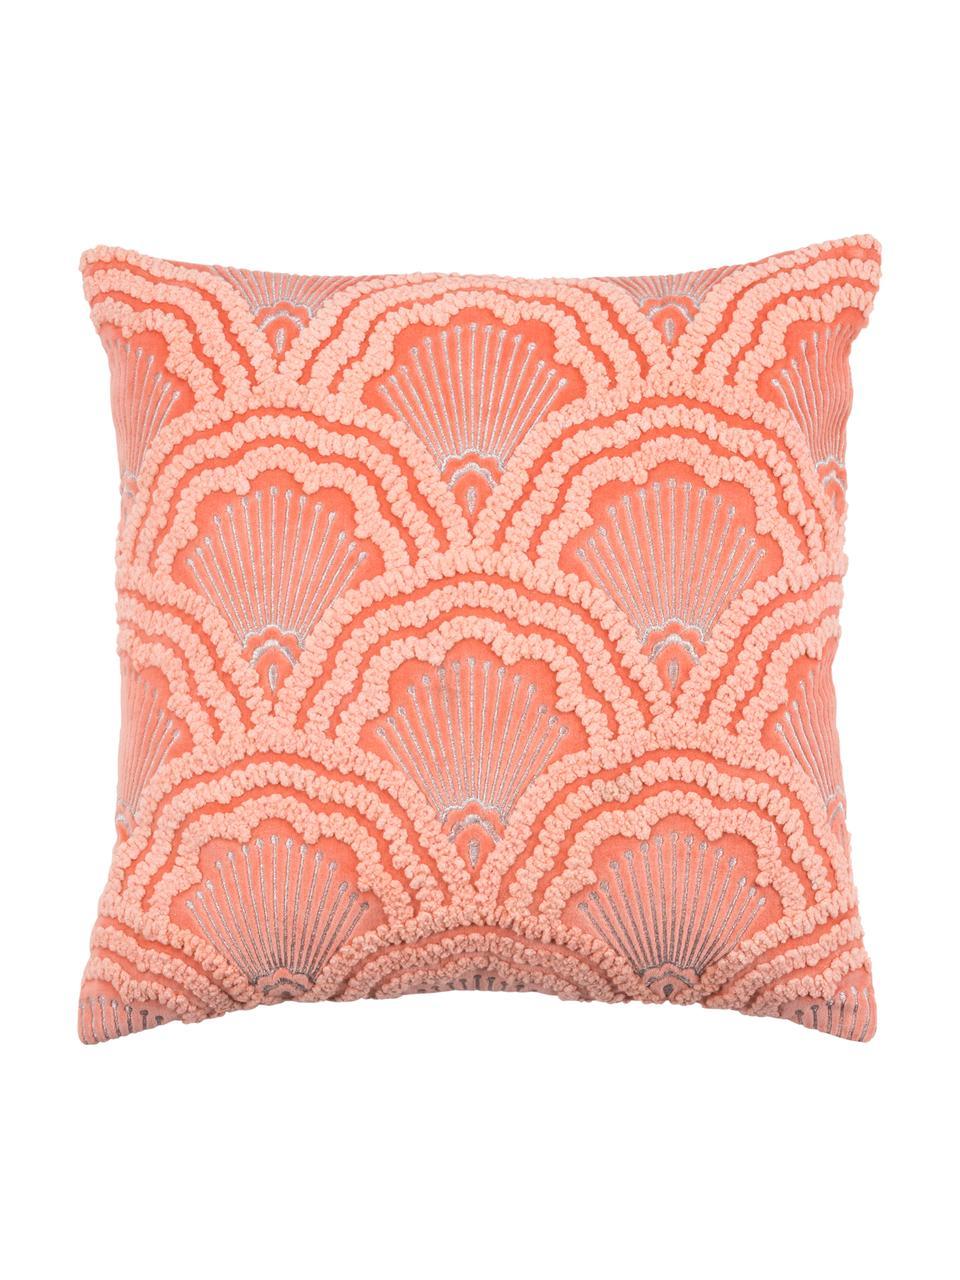 Haftowana poszewka na poduszkę z aksamitu Chelsey, 100% aksamit bawełniany, Koralowy, S 45 x D 45 cm